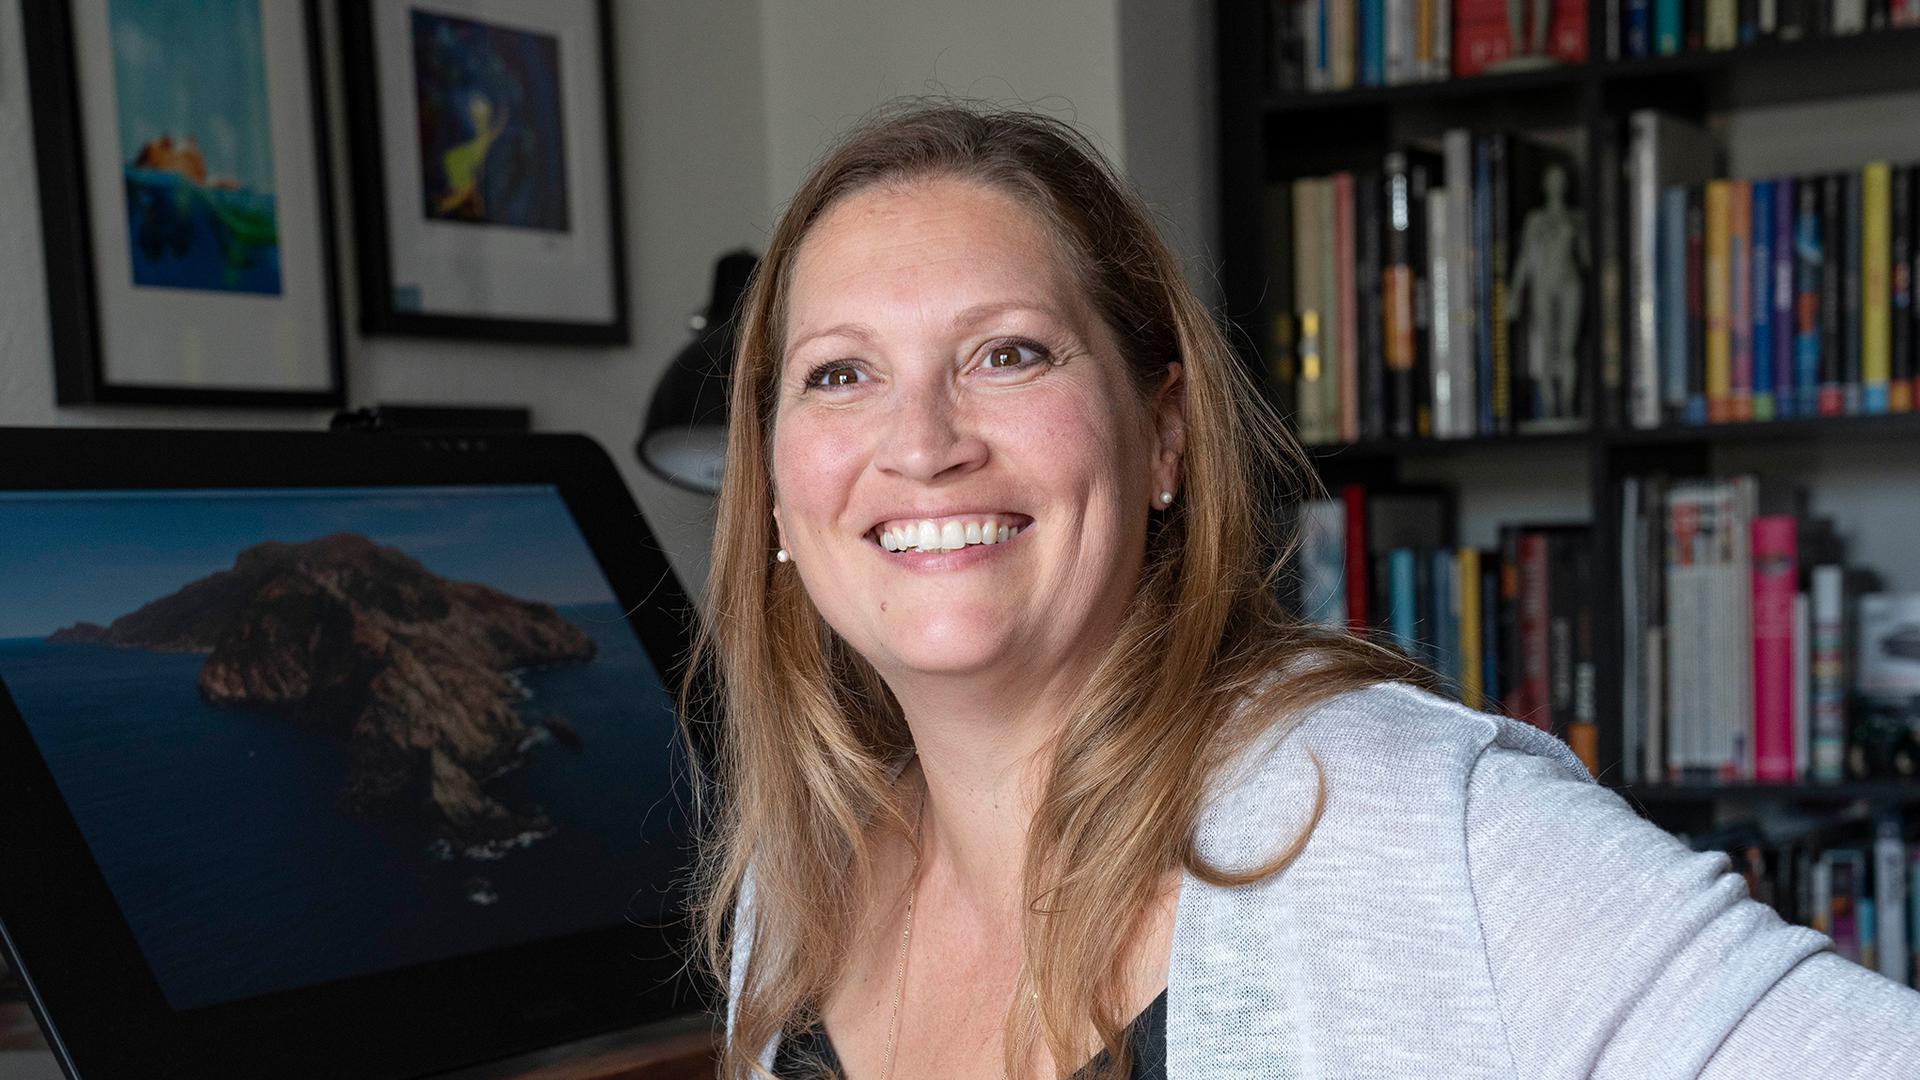 Mit Leidenschaft und einem Stift in den Fingern: Tanja Krampfert kreiert am heimischen Rechner Figuren, die dann in Animationen gezeigt werden.